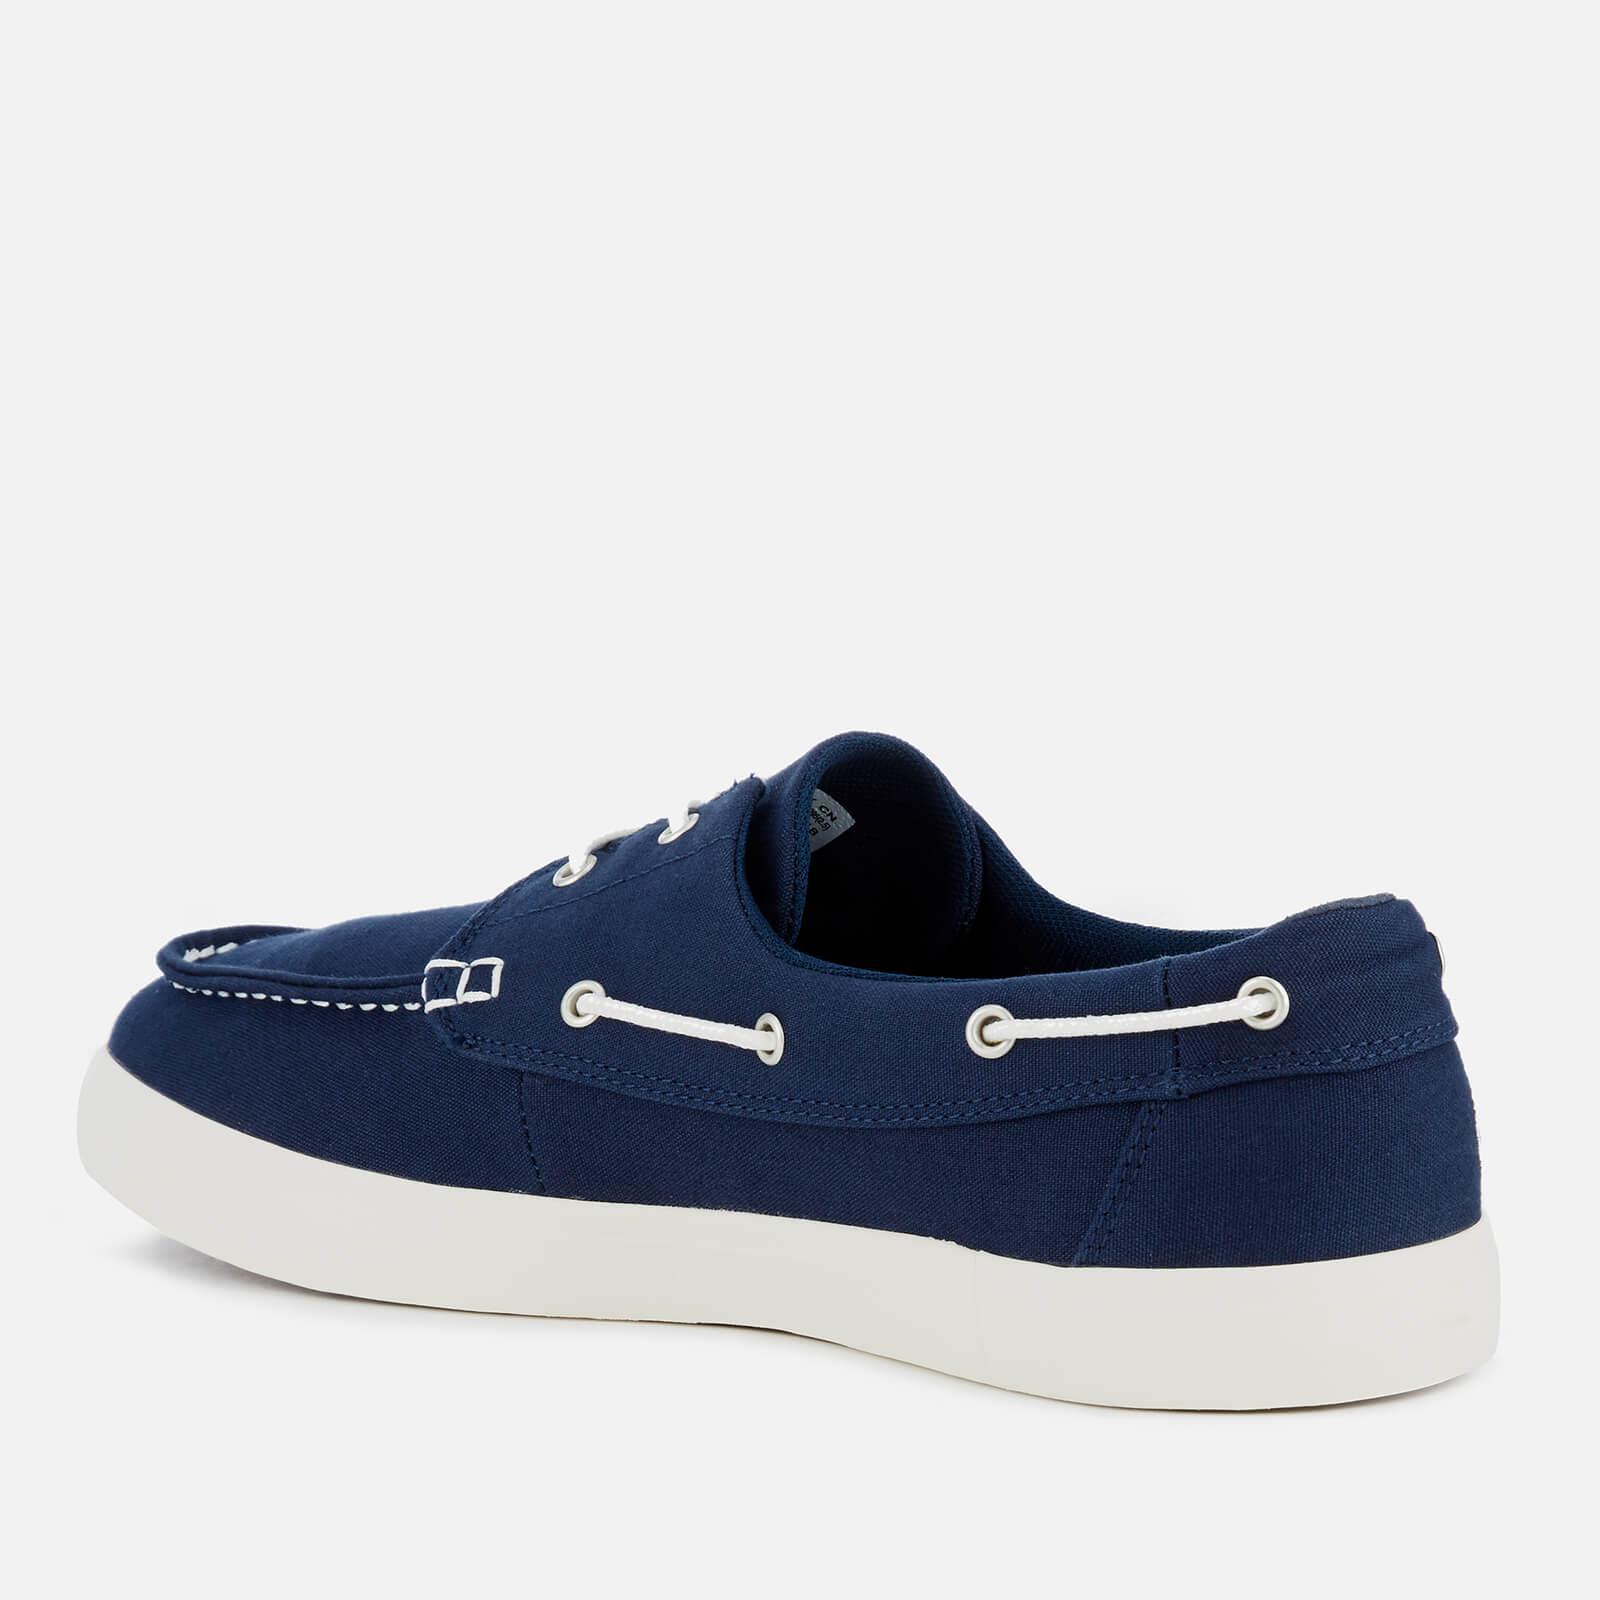 Blue canvas 'Union Wharf' boat shoes 2014 unisex sale online ebay cFh4bekz